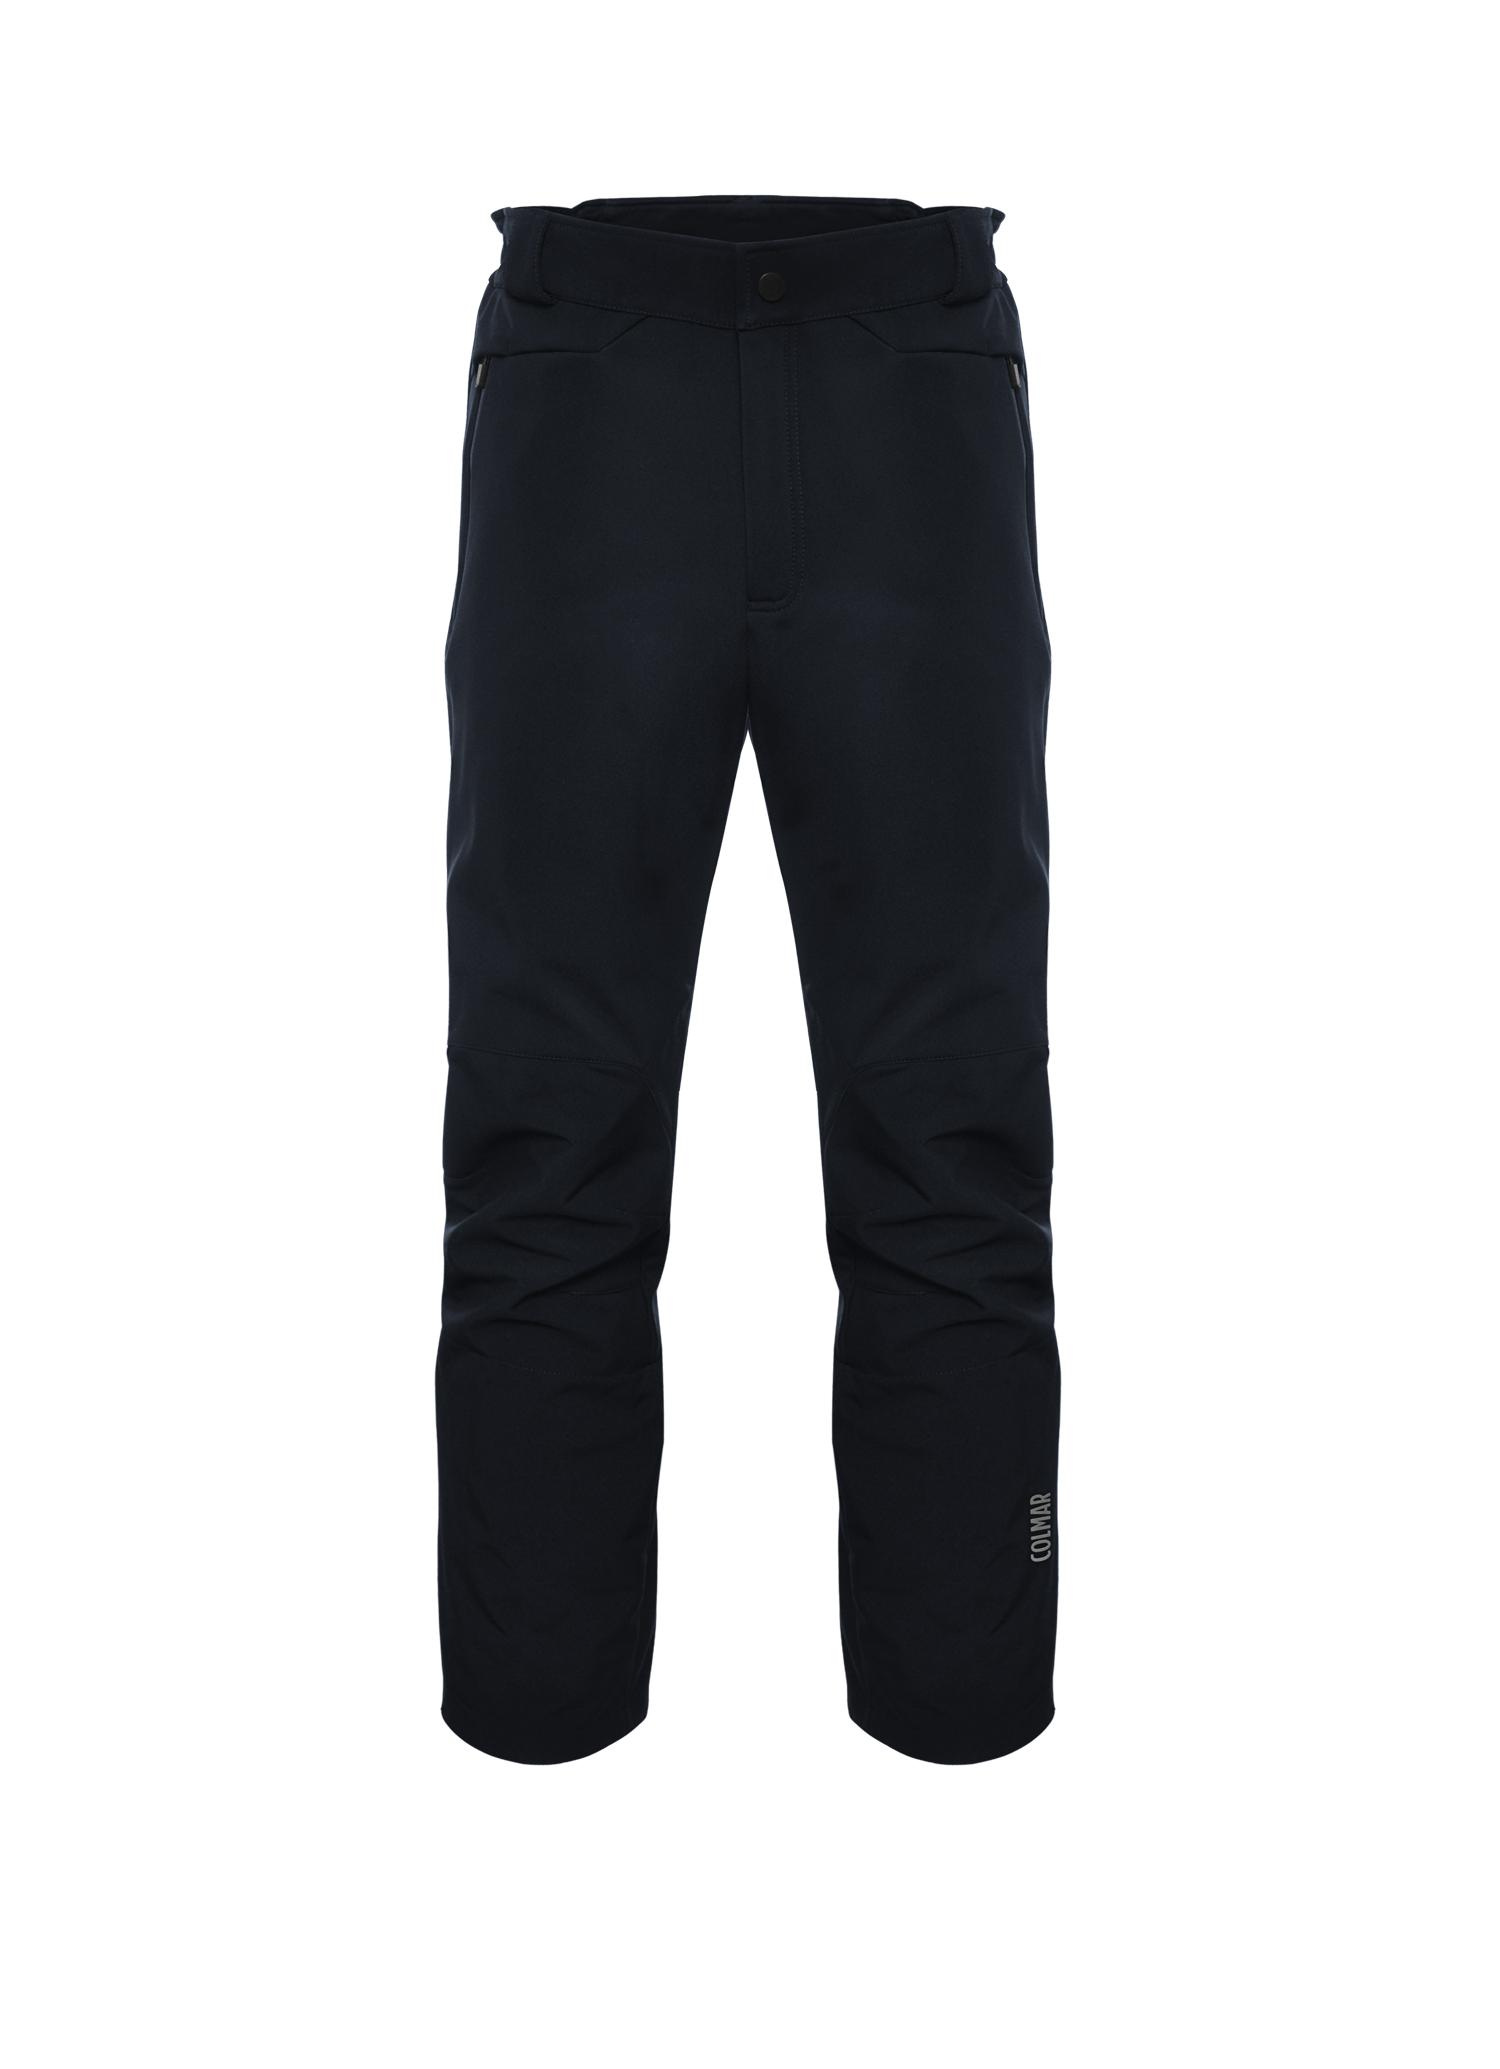 0c42637f6cea Colmar 0166G pánske lyžiarske softshellové nohavice čierne